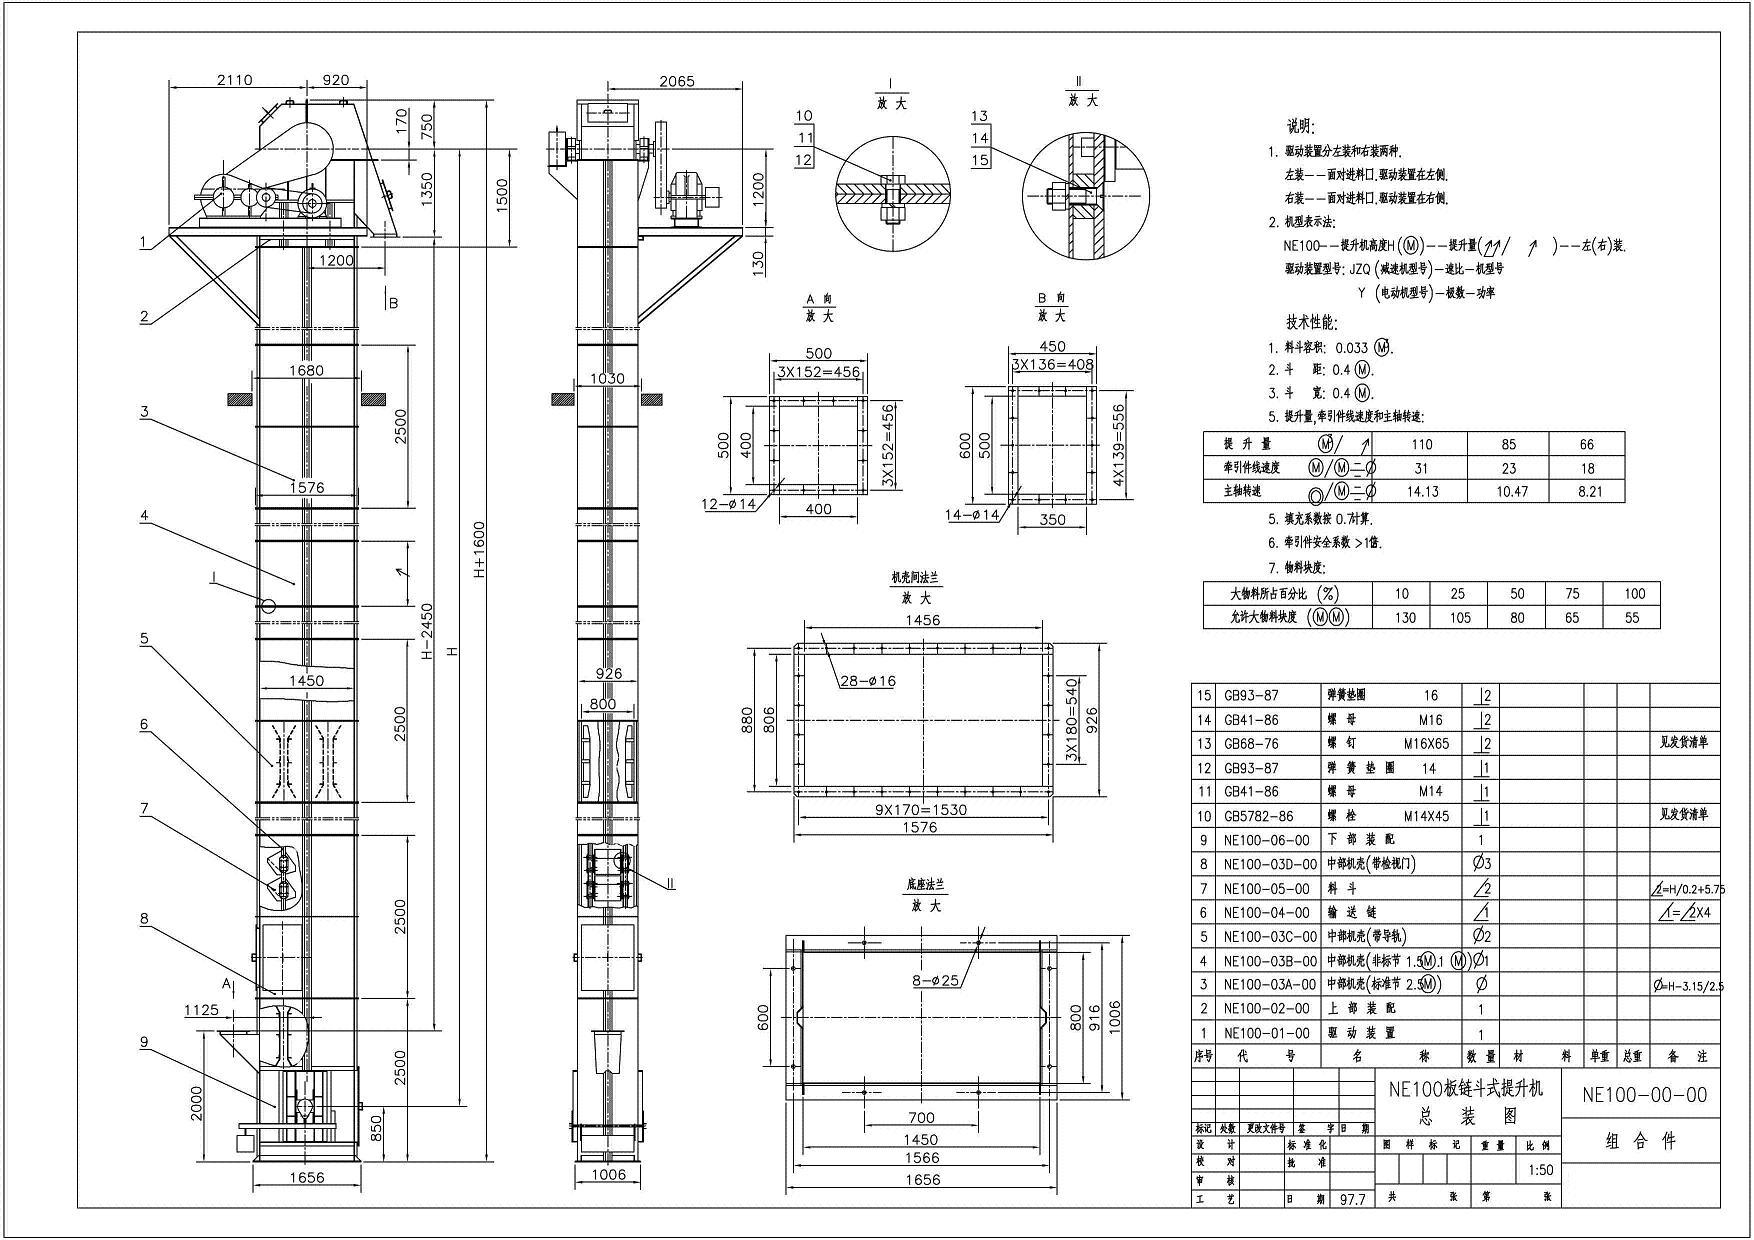 NE100板链斗式提升机地基及外形尺寸总装图